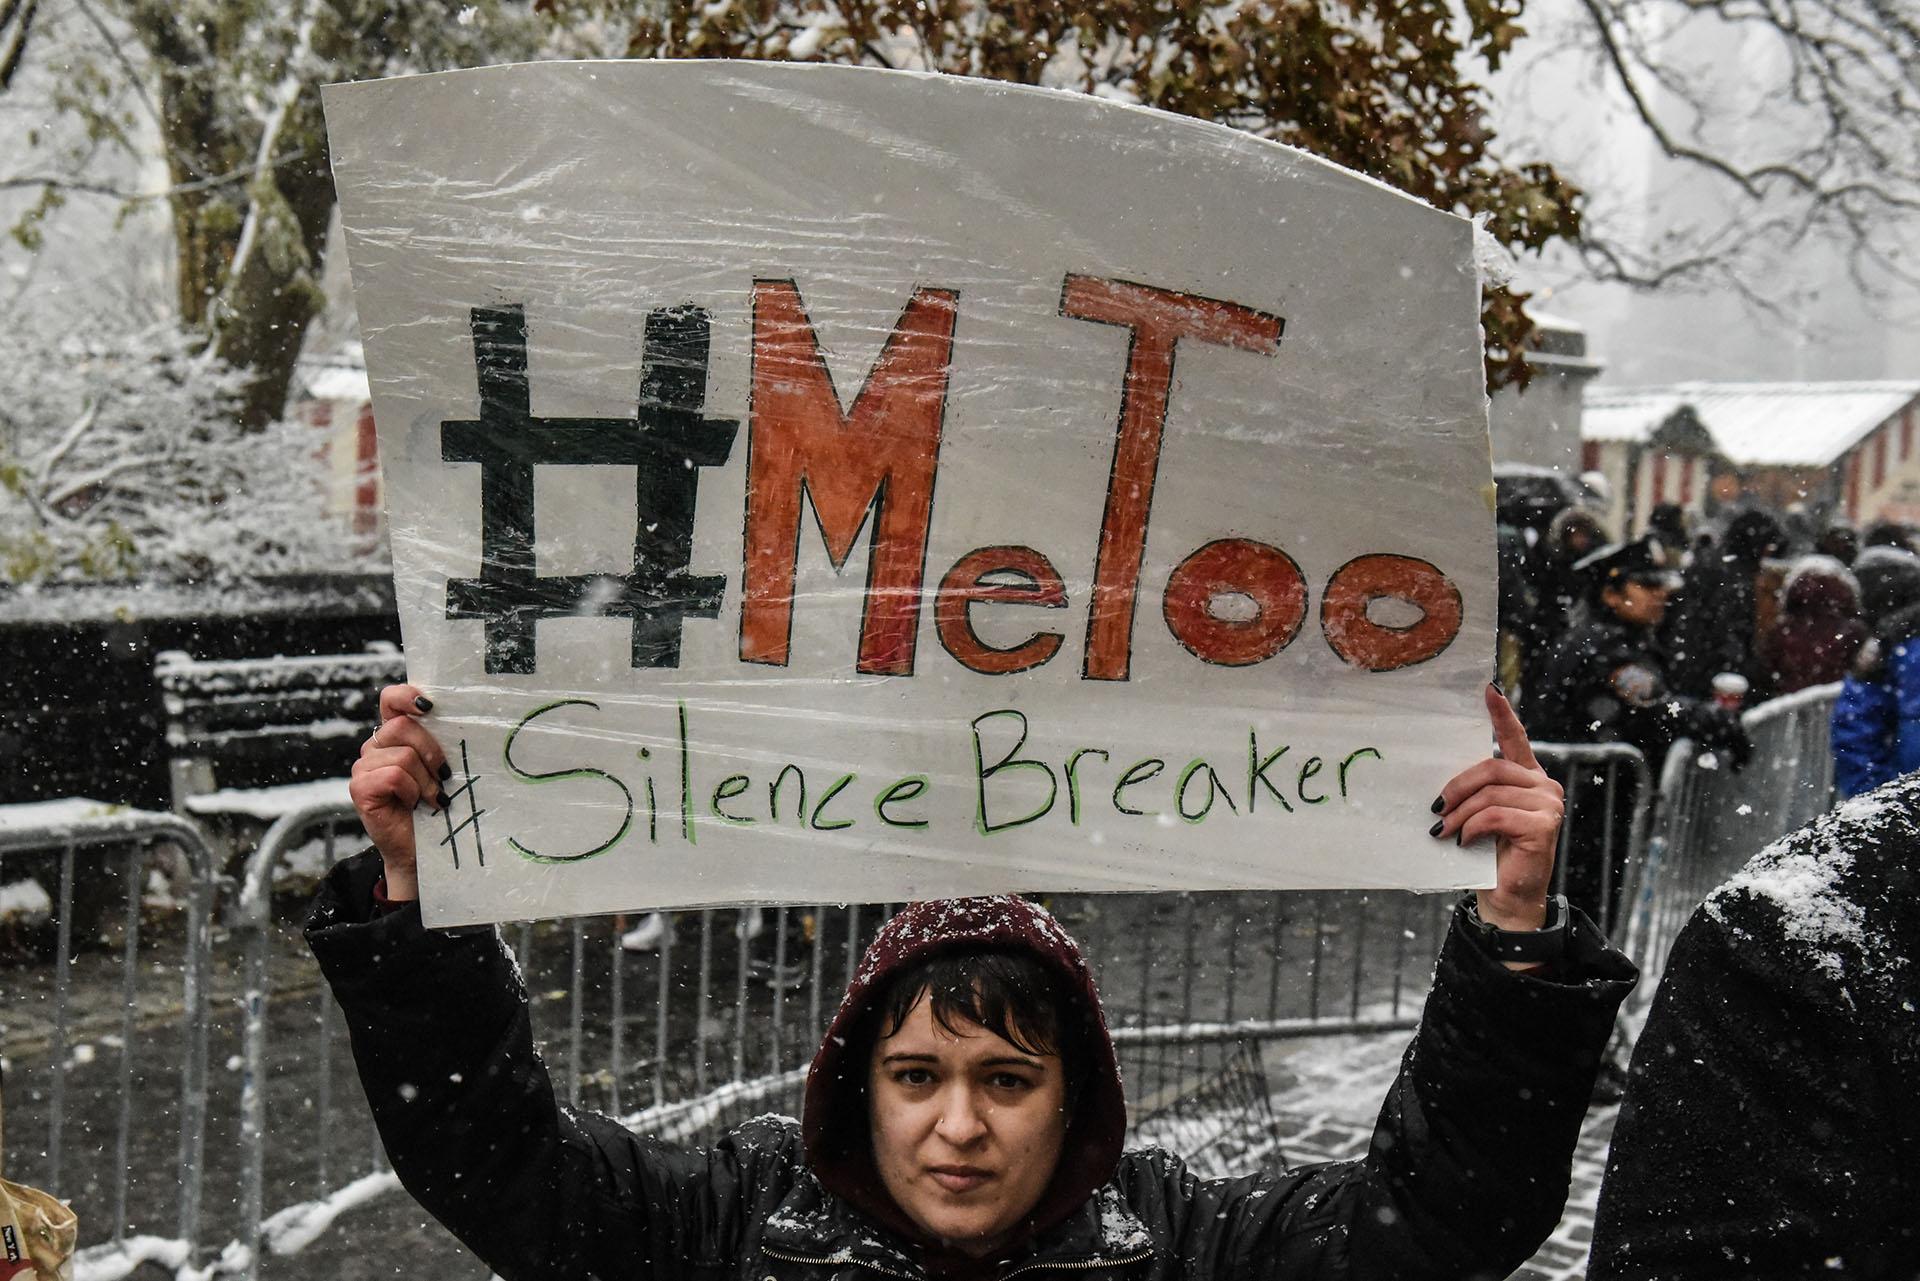 Luego del escándalo de Harvey Weinstein, la campaña #MeToo (yo también) logra que centenares de mujeres se animen a denunciar los abusos sexuales que sufrieron en su vida laboral